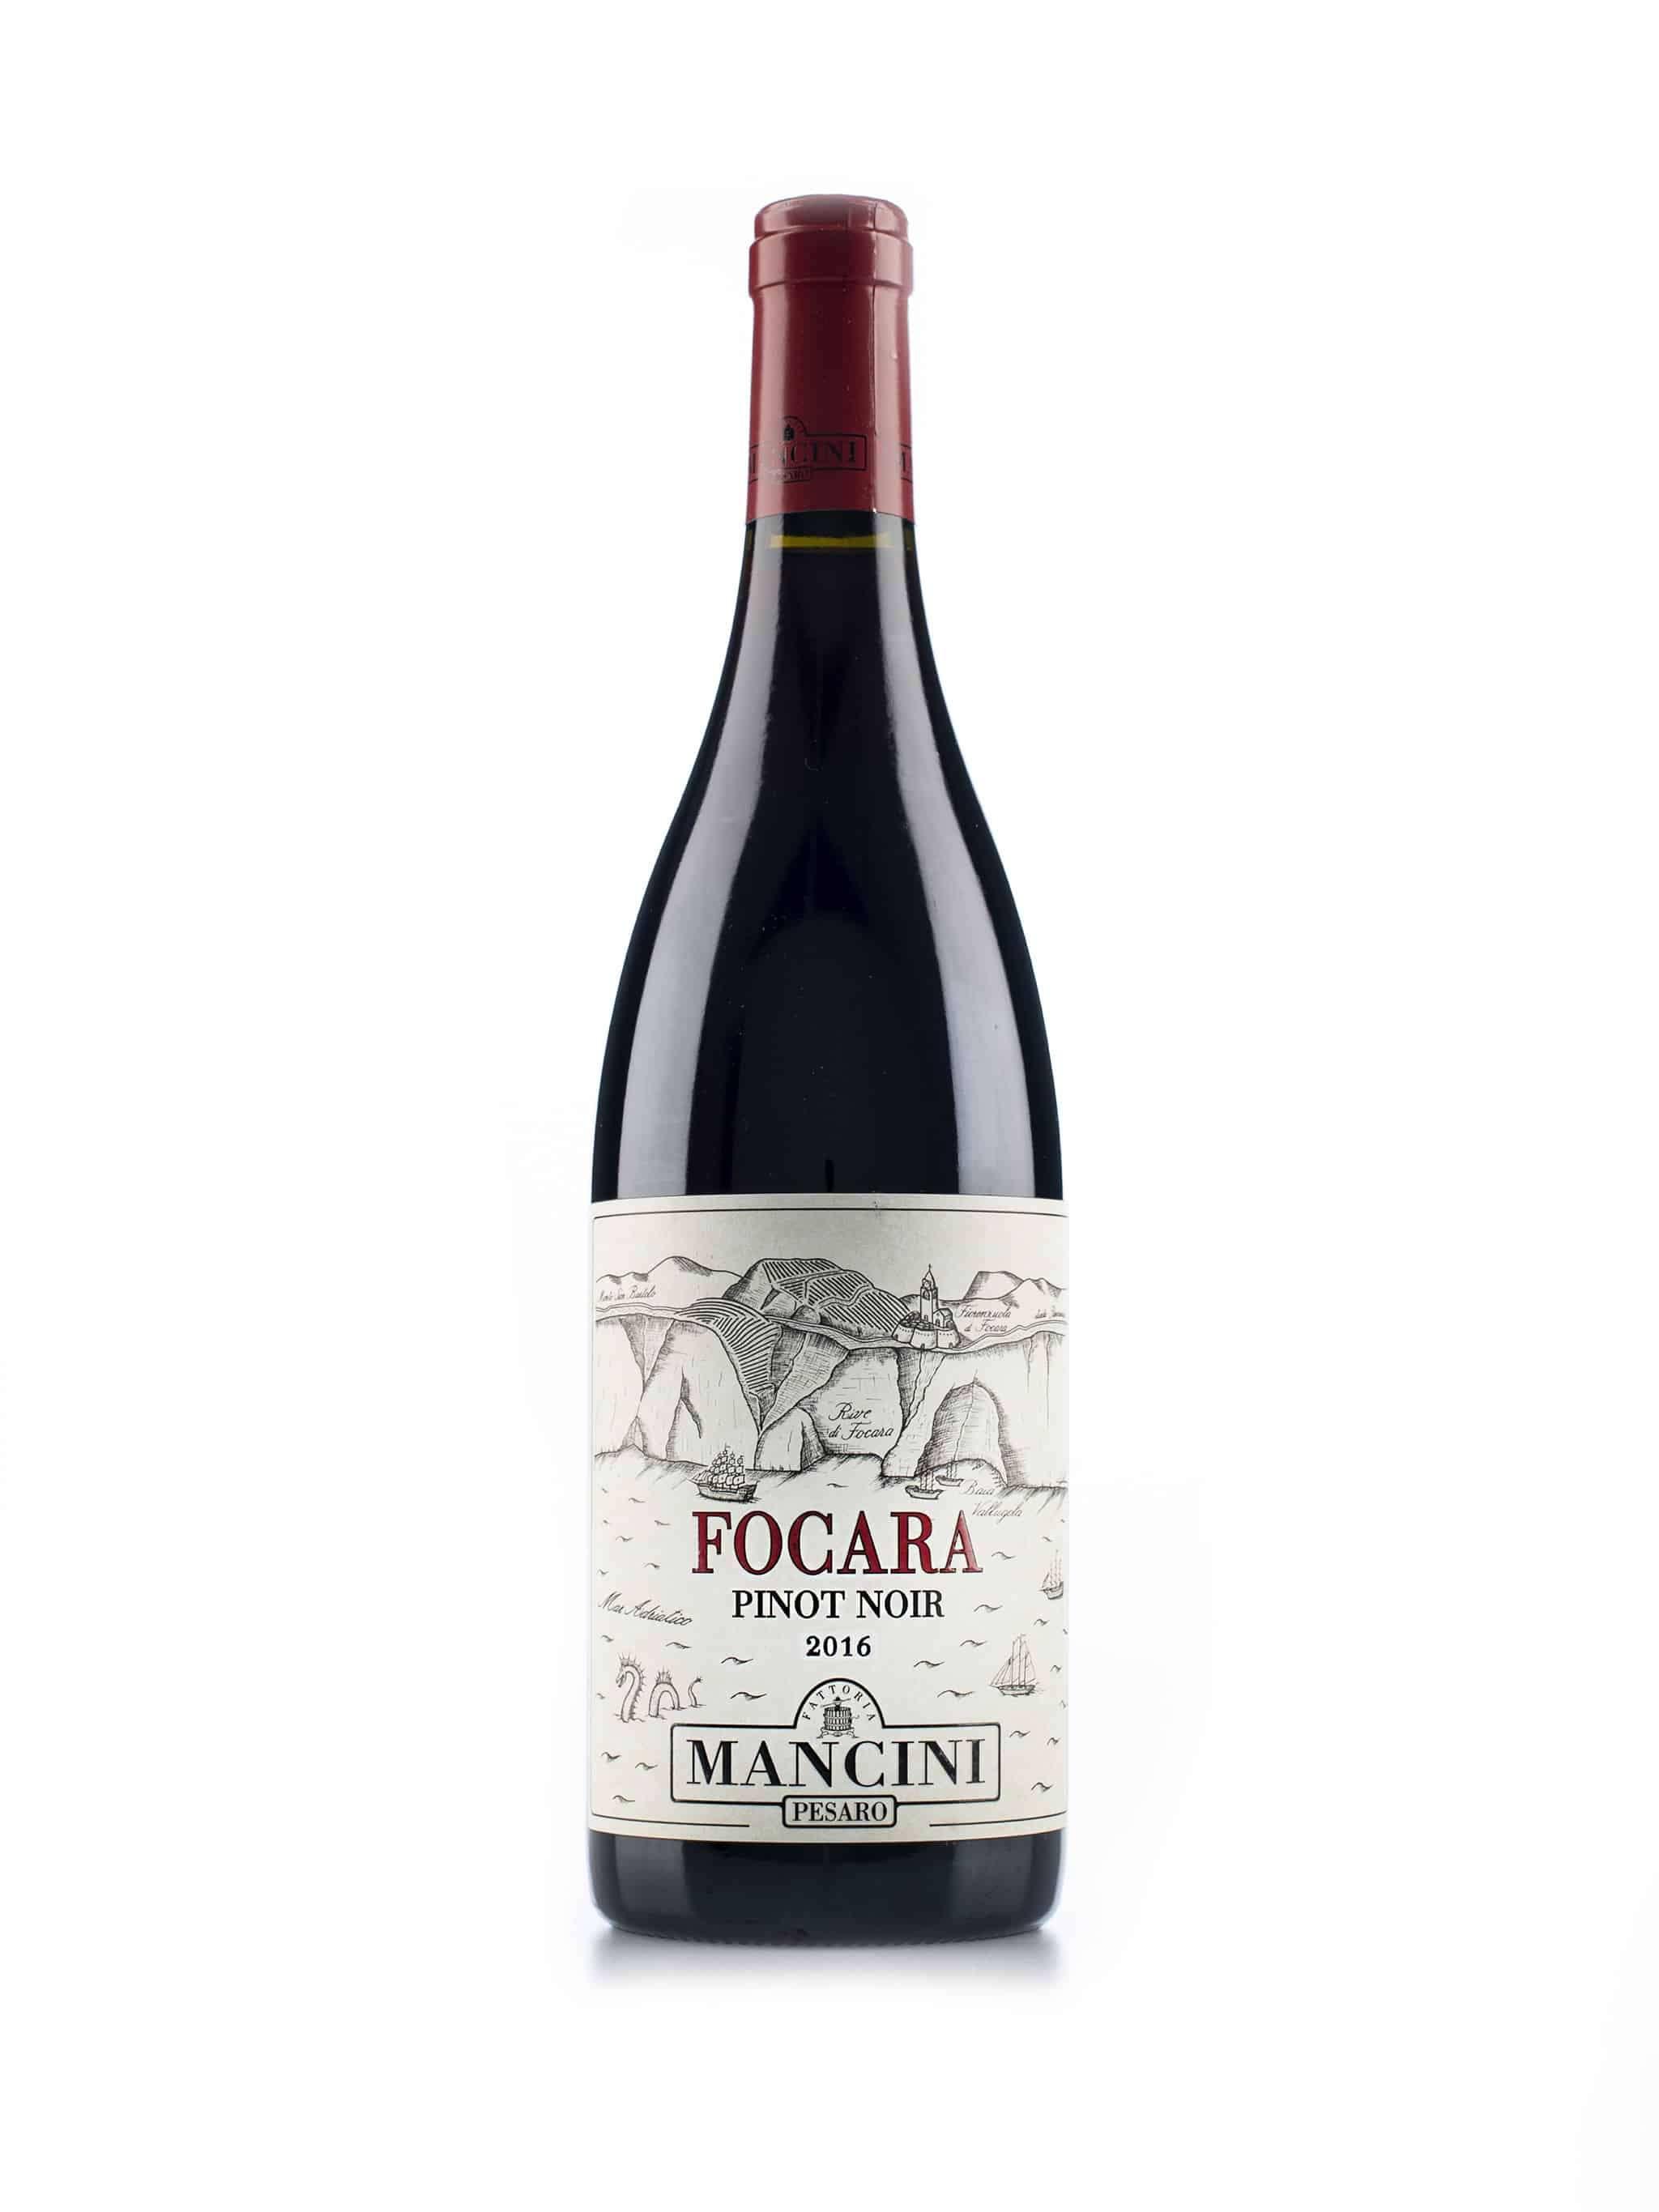 Italiaanse rode wijn van wijndomein Mancini: Pinot Noir 'Focara'